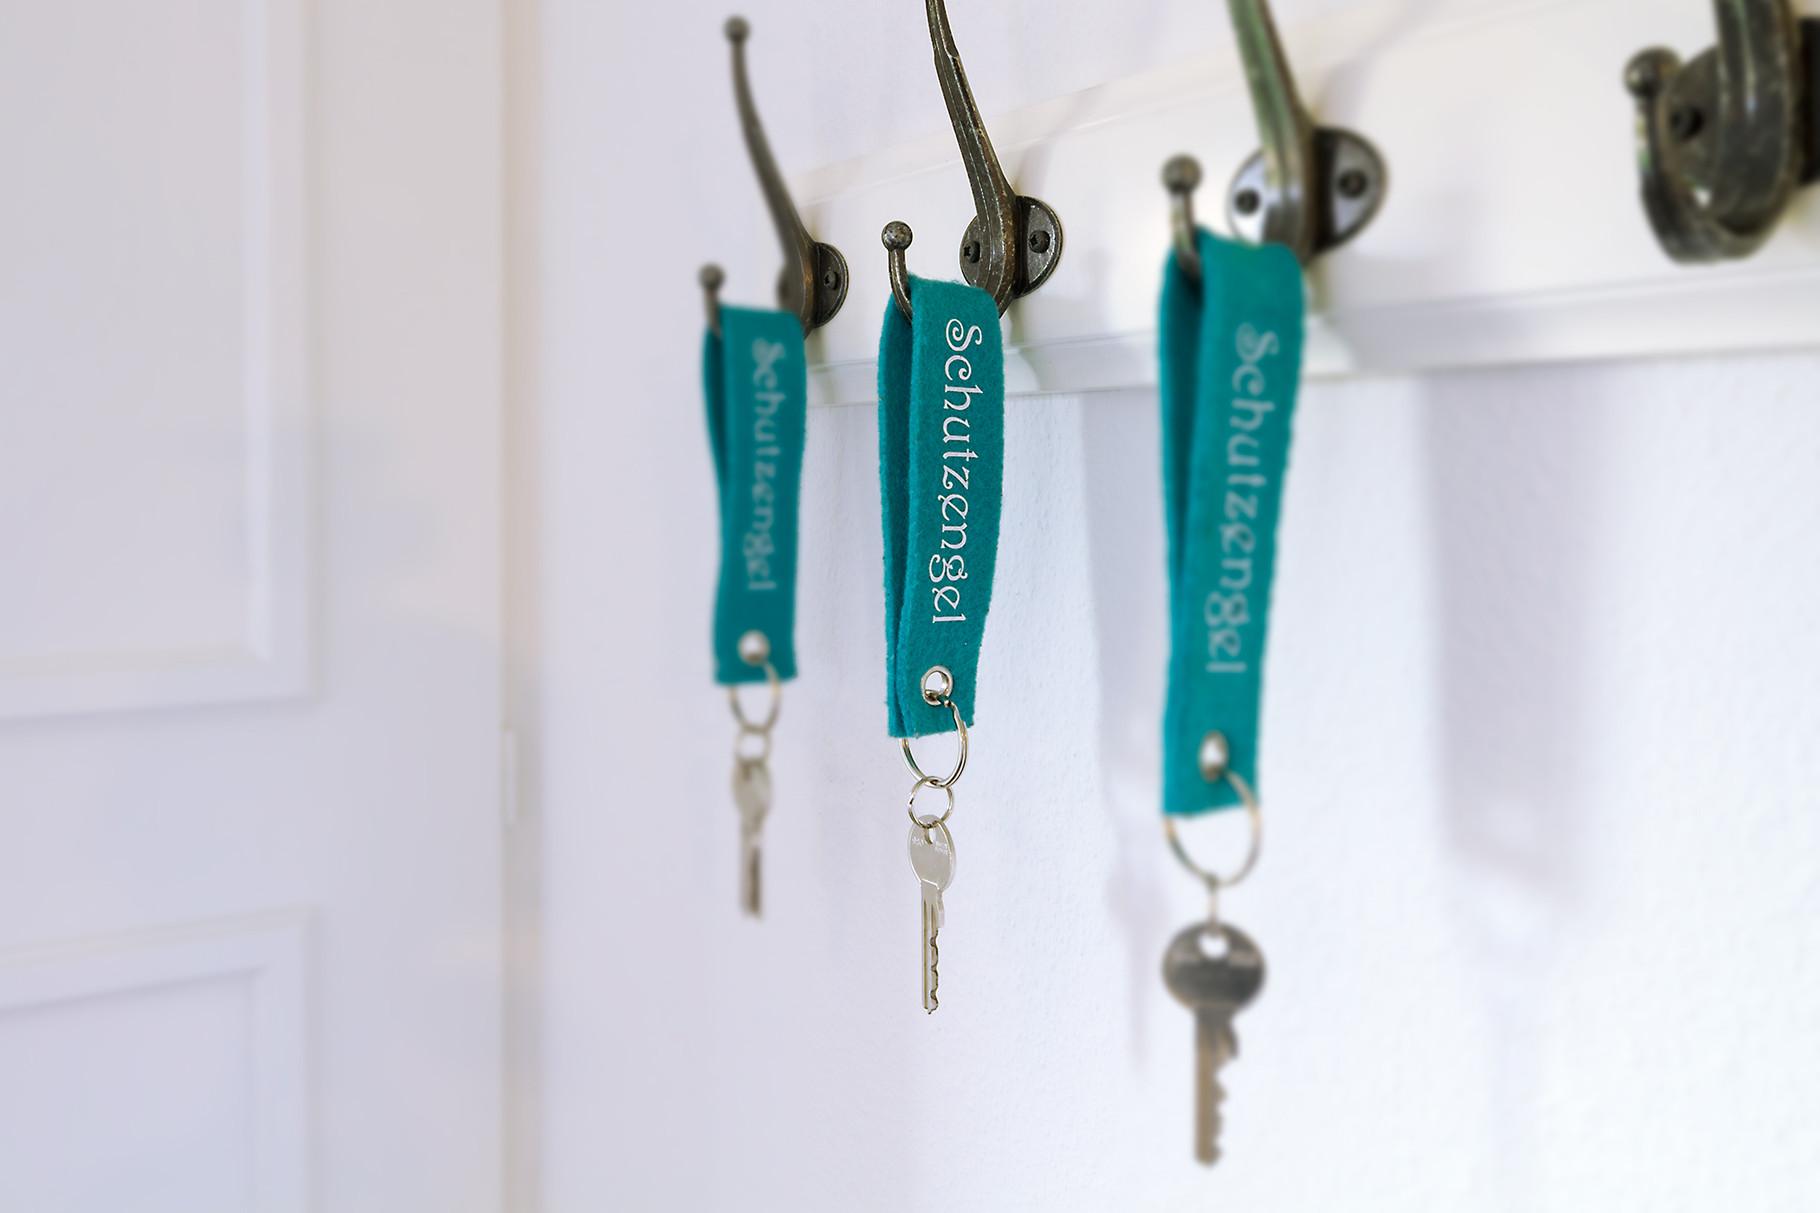 Schlüssel zu einem tollen Ferienhaus.